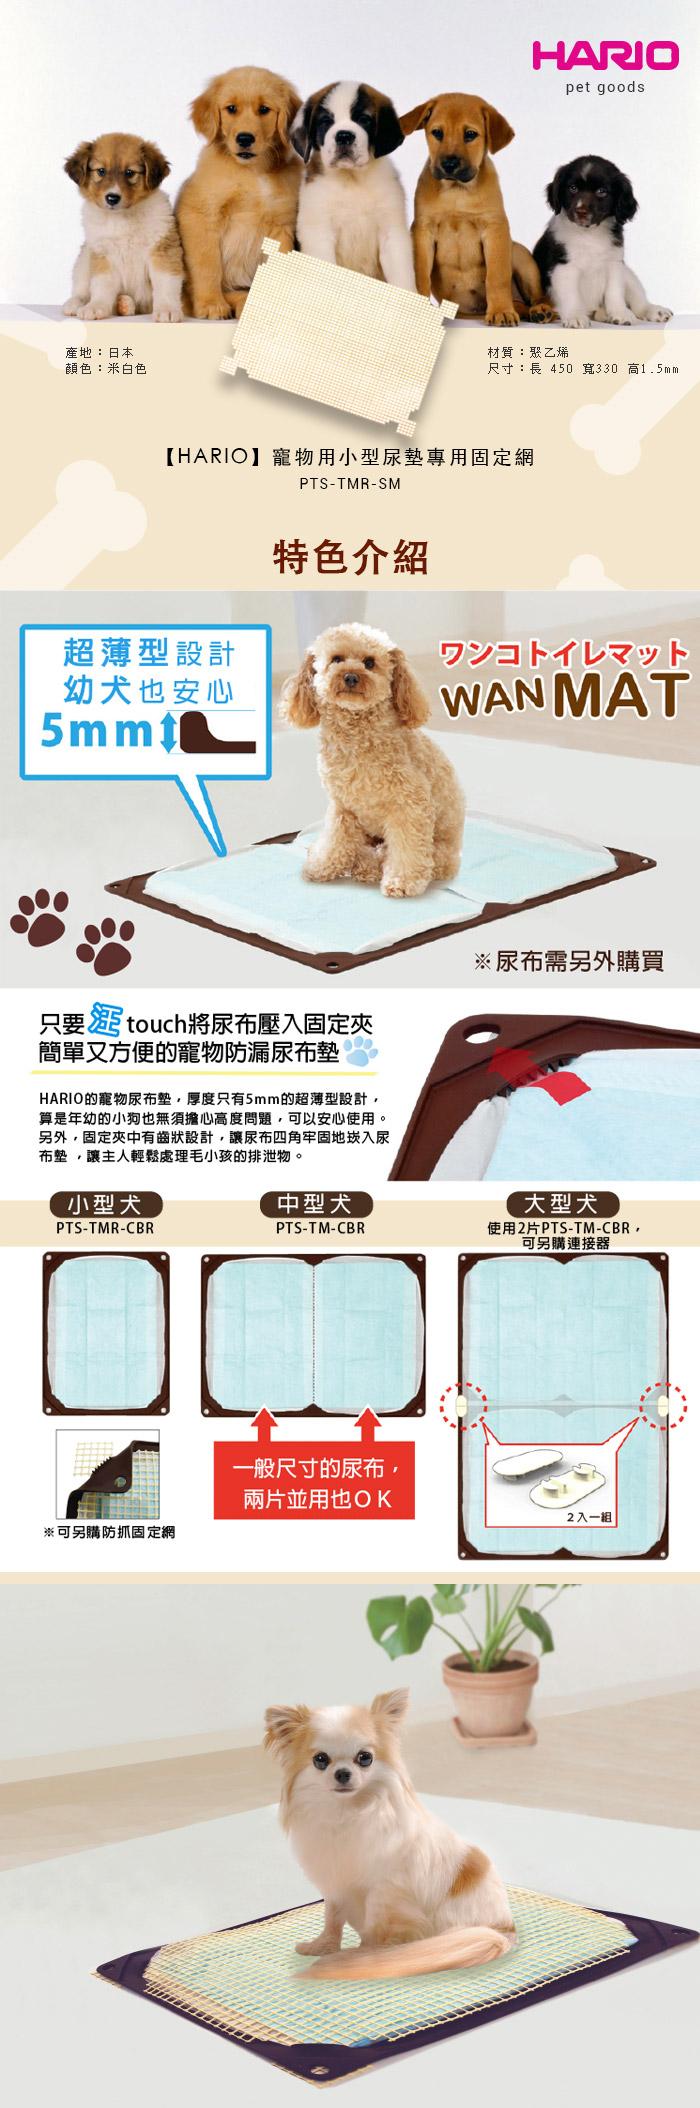 (複製)HARIO  寵物用小型尿墊  PTS-TMR-CBR